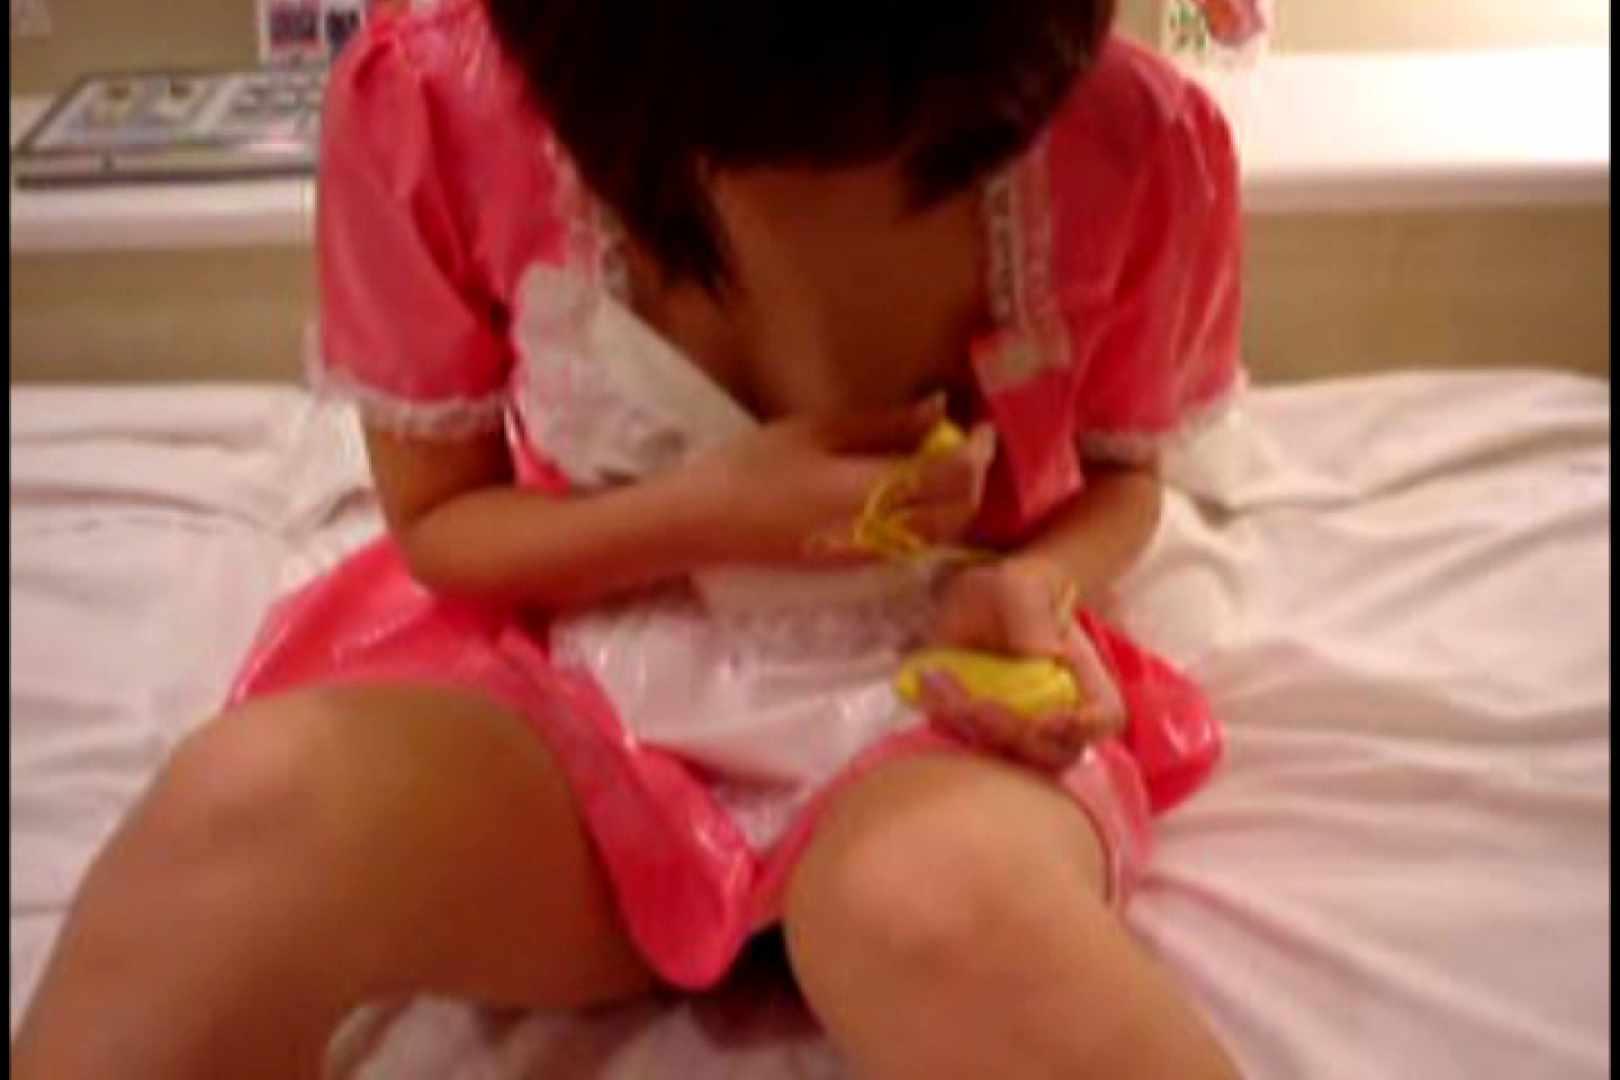 ウイルス流出 九州工学部女子大生藤野瑠美 投稿   女子大生丸裸  106pic 19